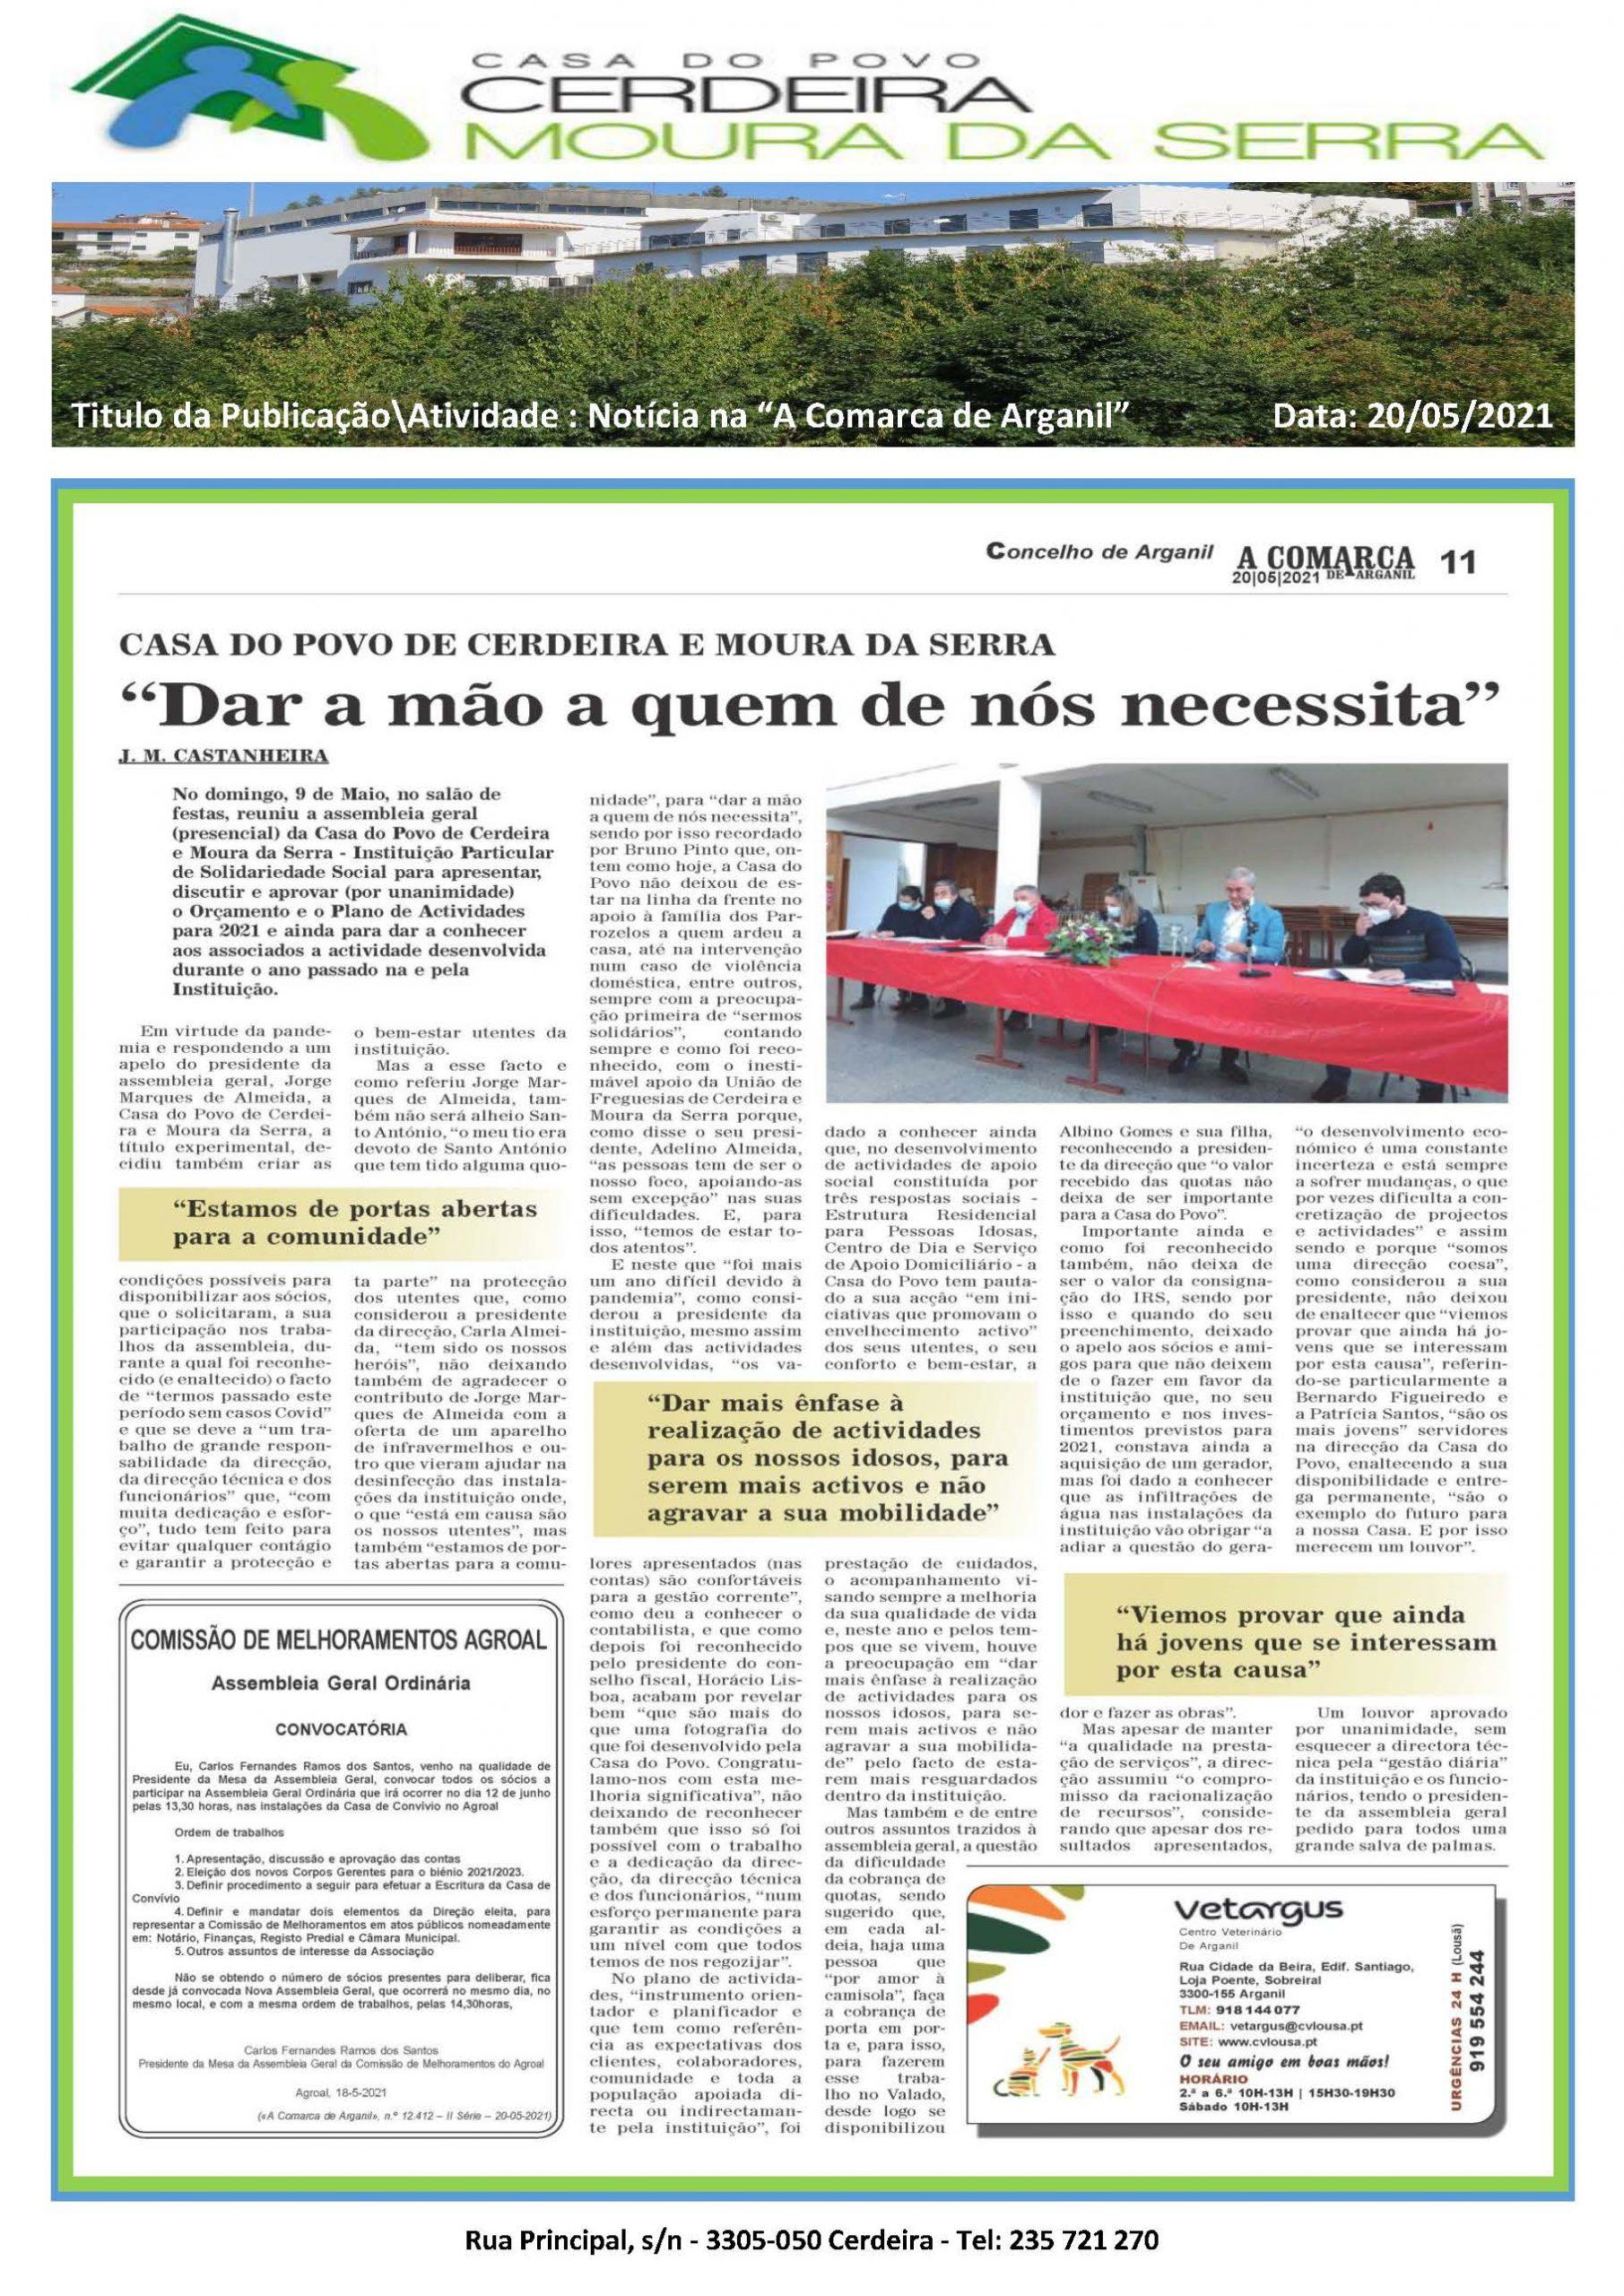 """Casa do Povo de Cerdeira e Moura da Serra, I.P.S.S. foi notícia no Jornal """"A Comarca de Arganil"""" em 20/05/2021"""